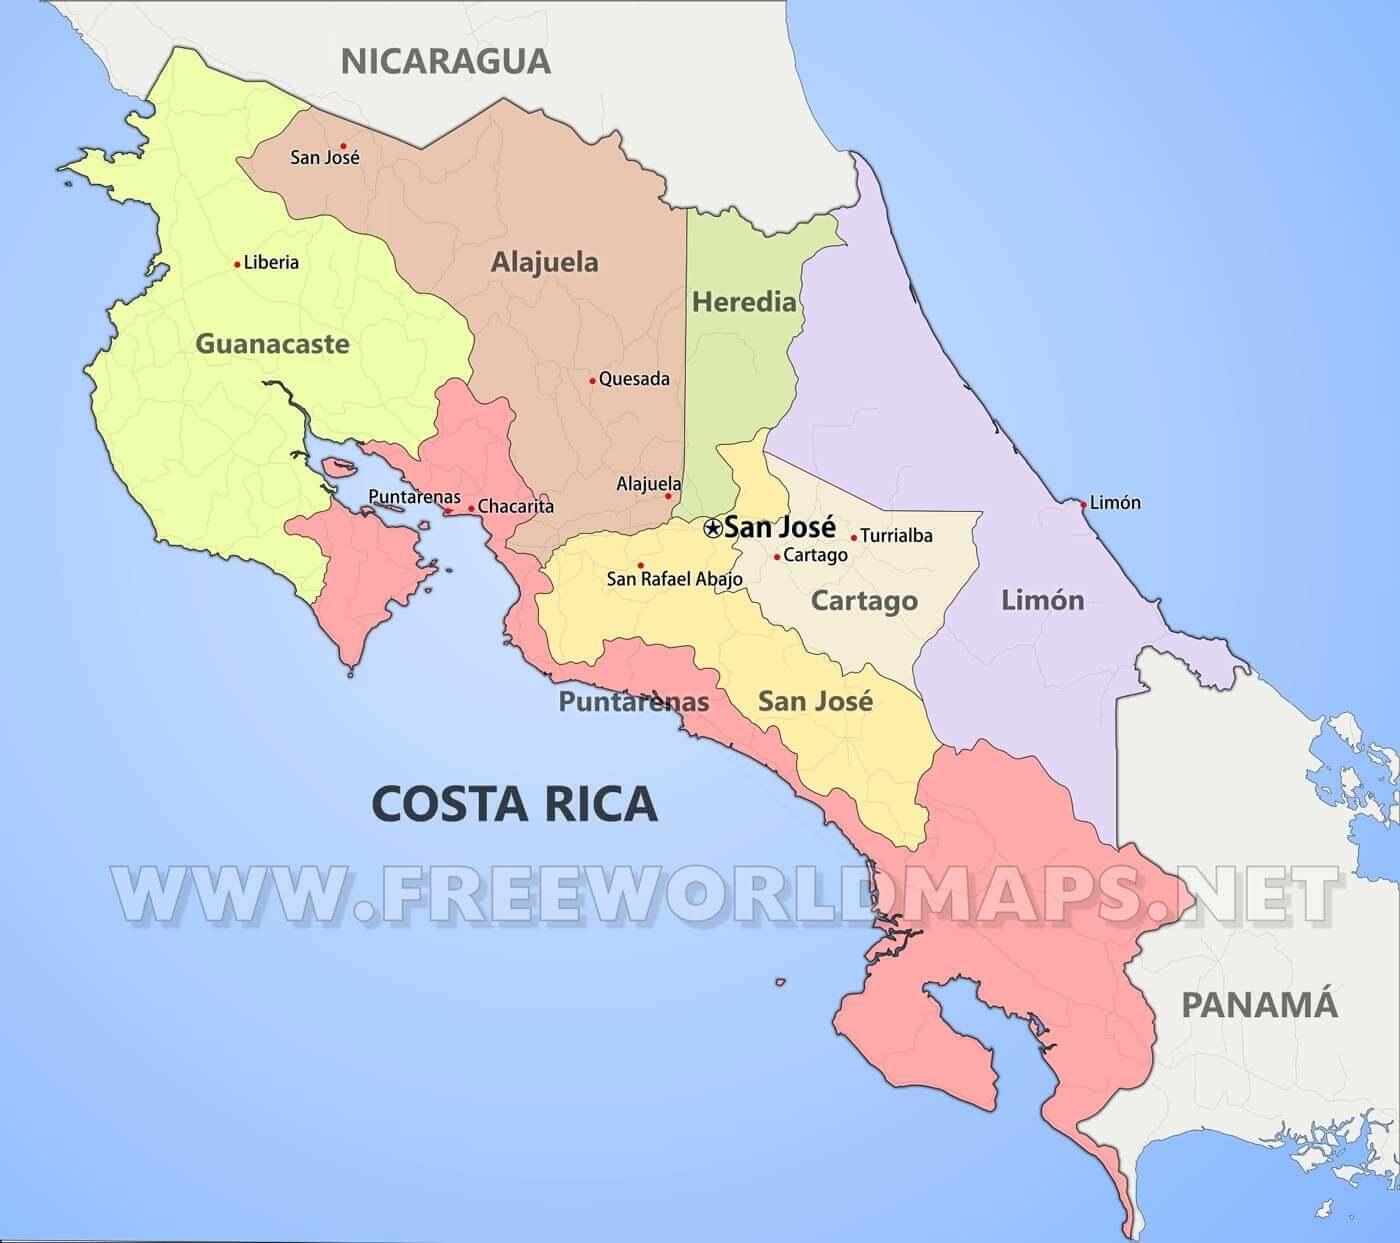 Mapa fsico de costa rica geografa de costa rica costa rica mapa fsico gumiabroncs Images